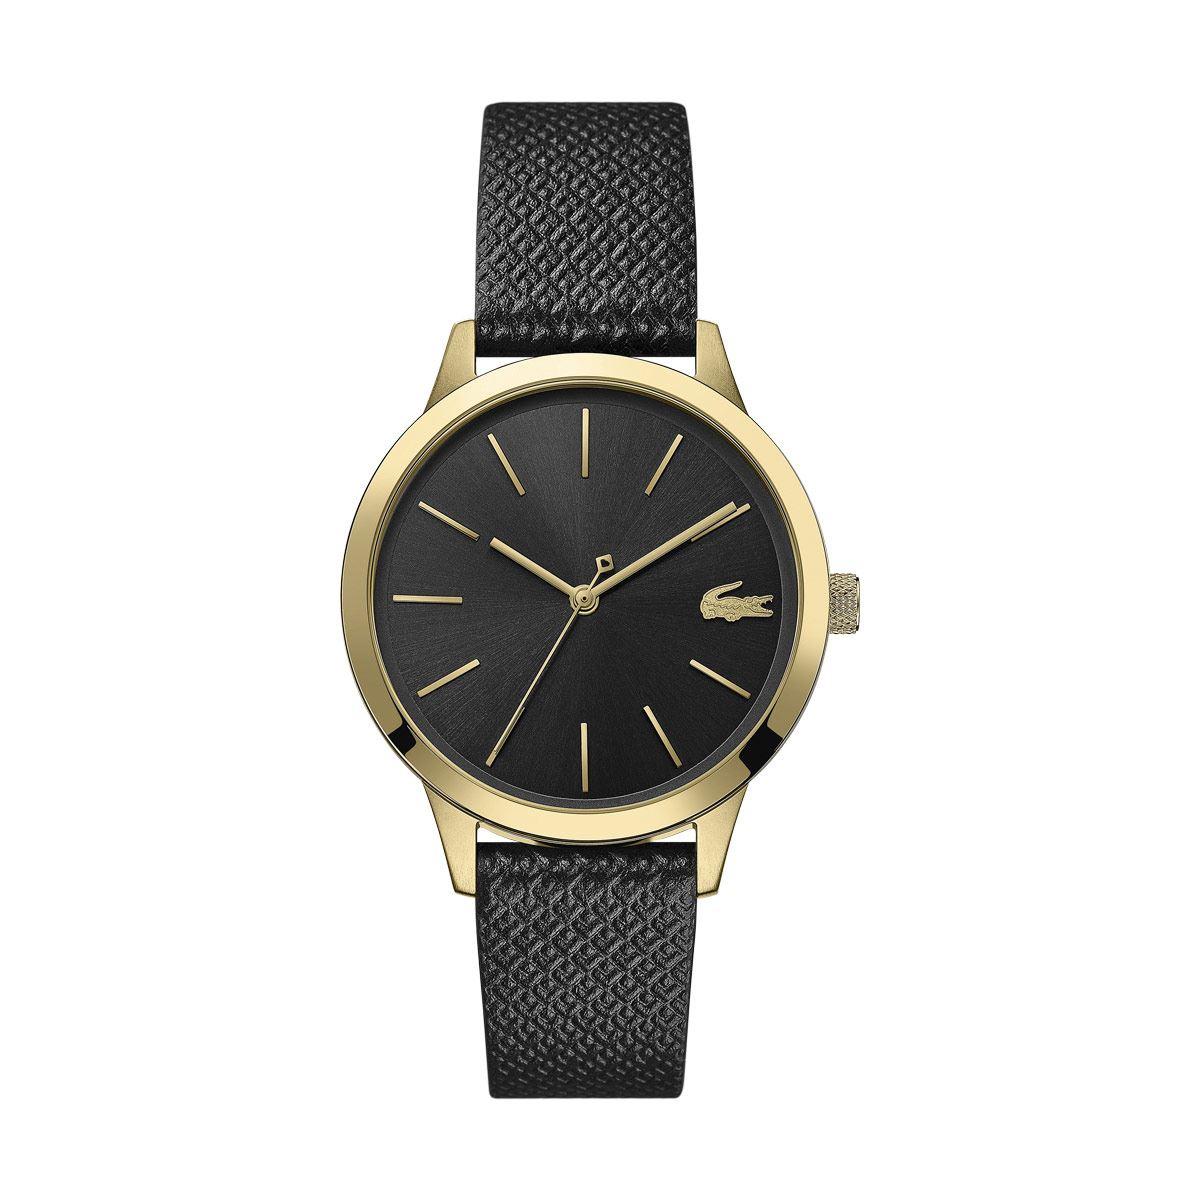 Reloj Lacoste Moda Negro y Dorado Para Dama